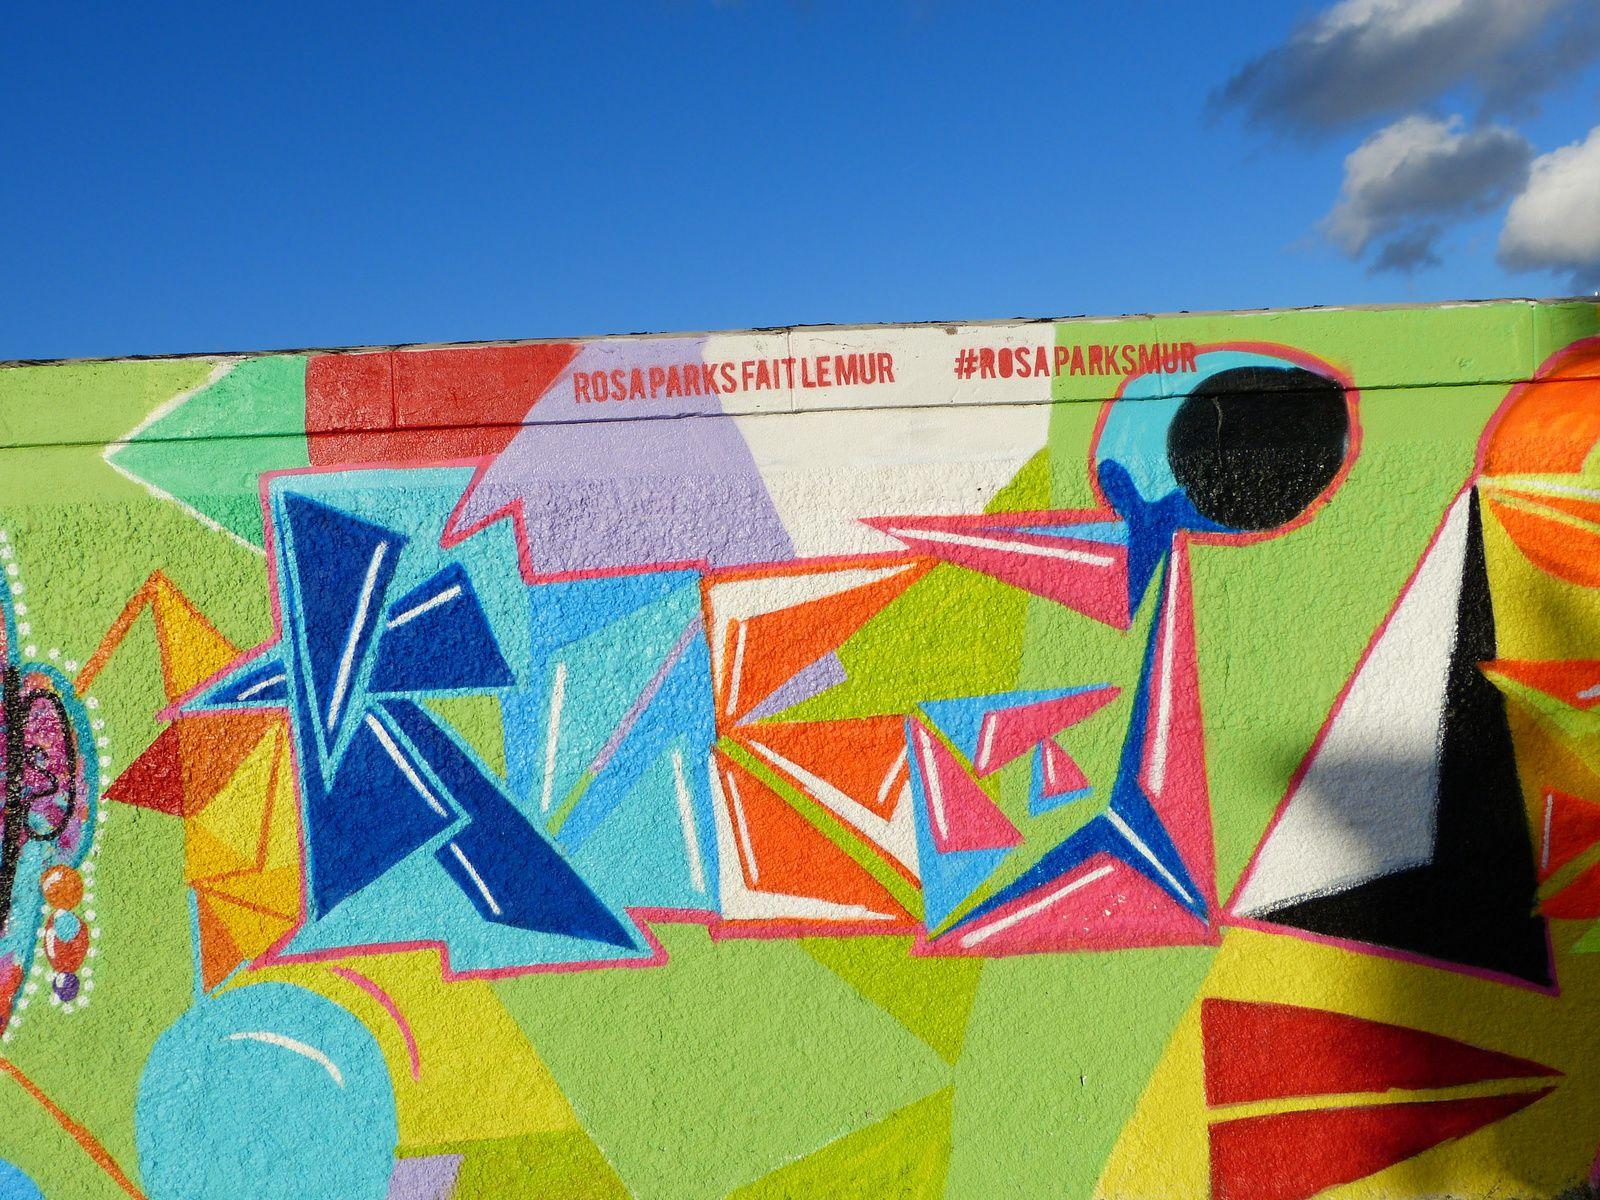 c'est de l'excellent Street-Art militant pour une bonne cause et c'est en ce moment à Paris...